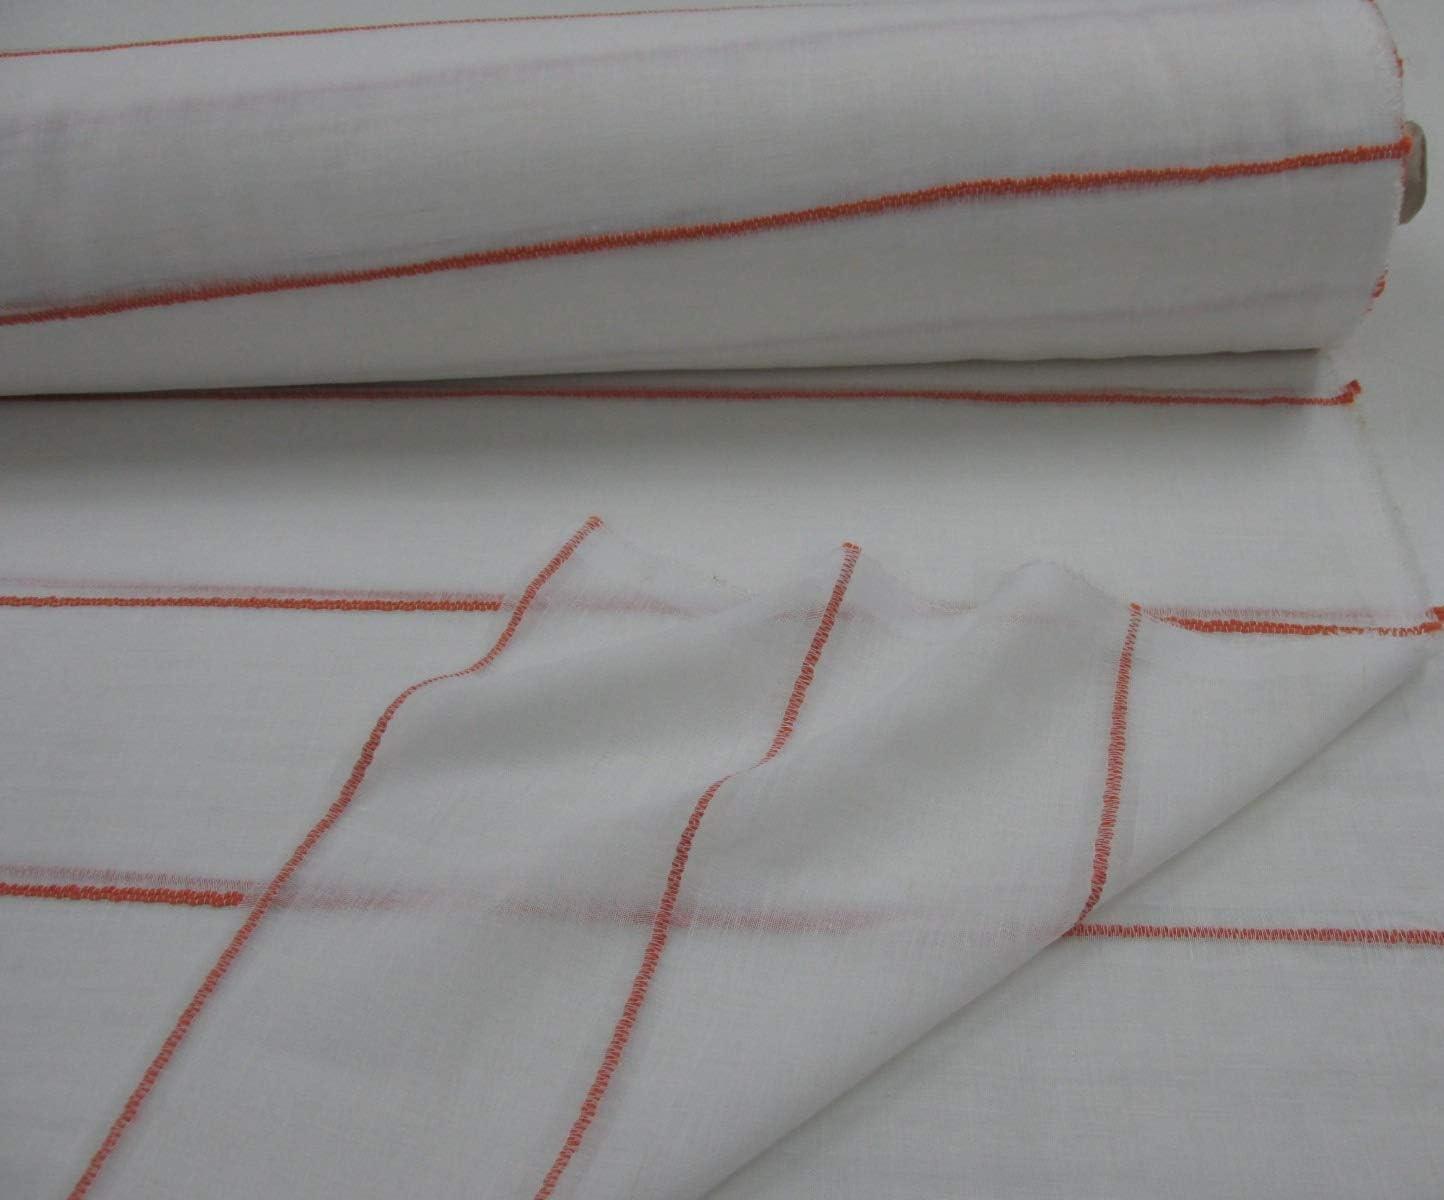 Confección Saymi Metraje 0,50 MTS Tela Visillo semilino Cortinas Ref. Semilino Raya Naranja, con Ancho 2,90 MTS.: Amazon.es: Hogar